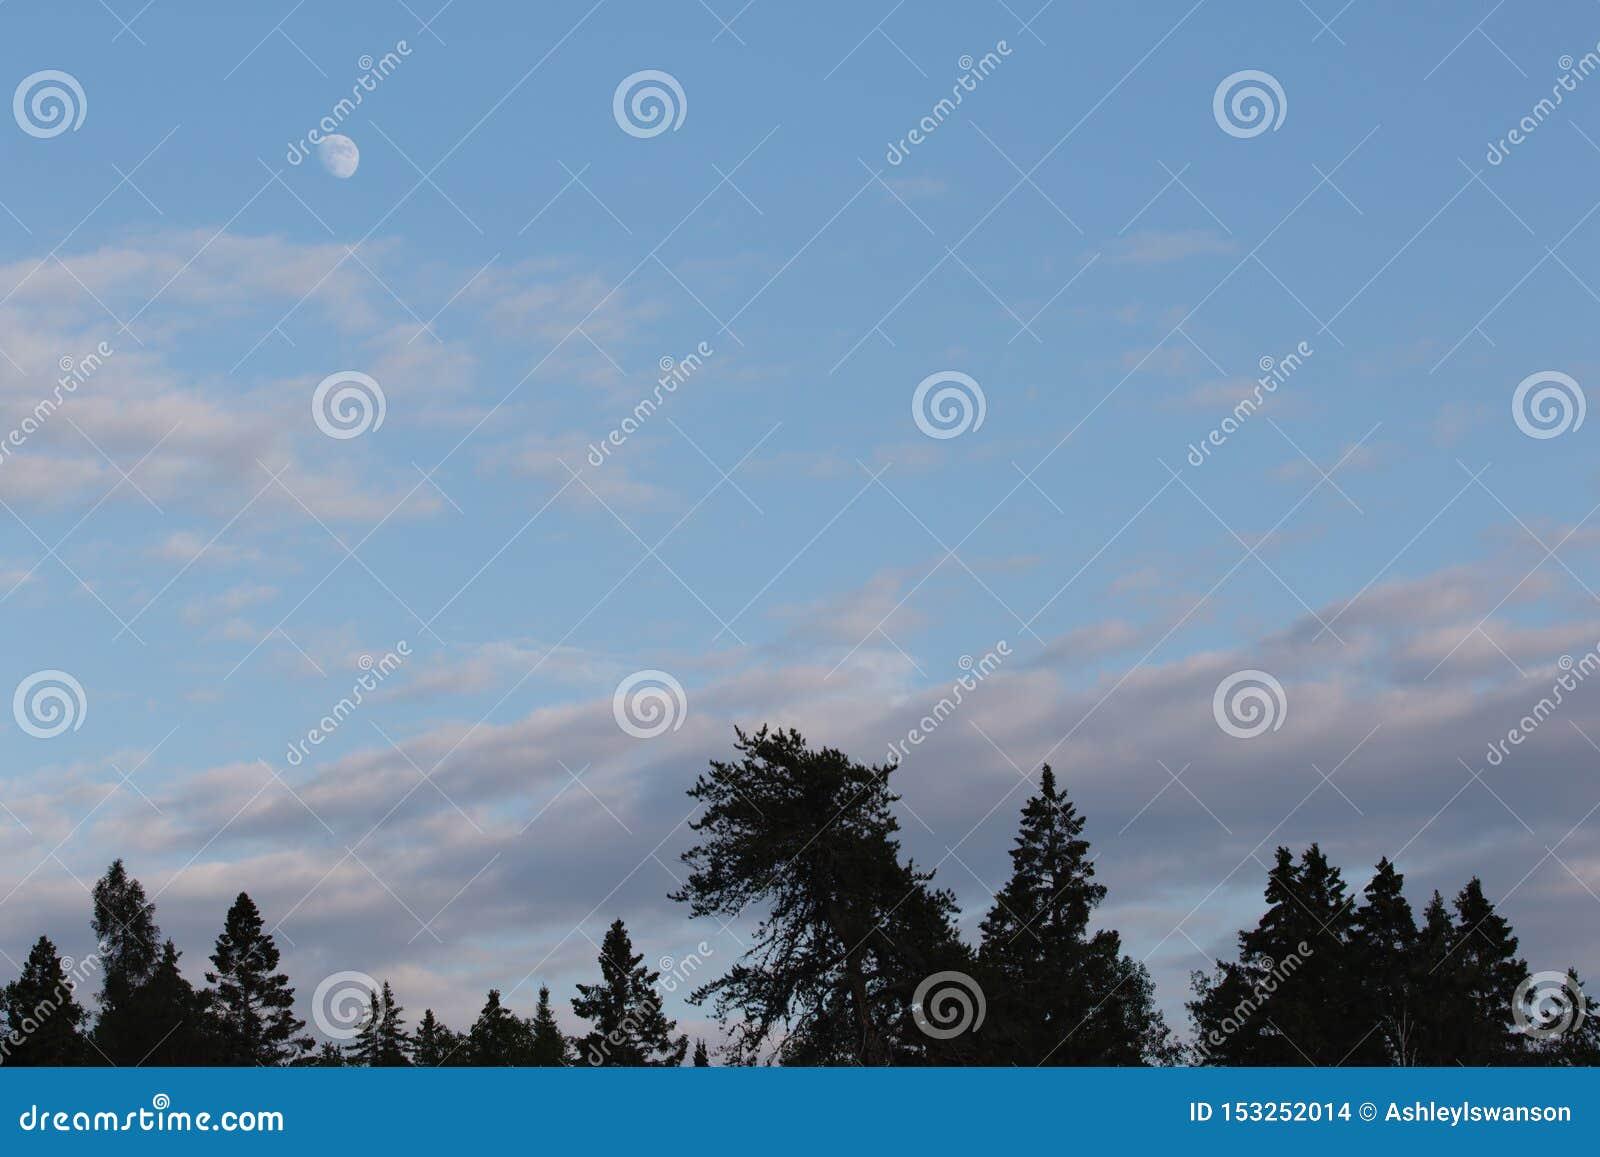 Inceratura della fase Gibbous della luna nella sera mentre il Sun è ancora fuori